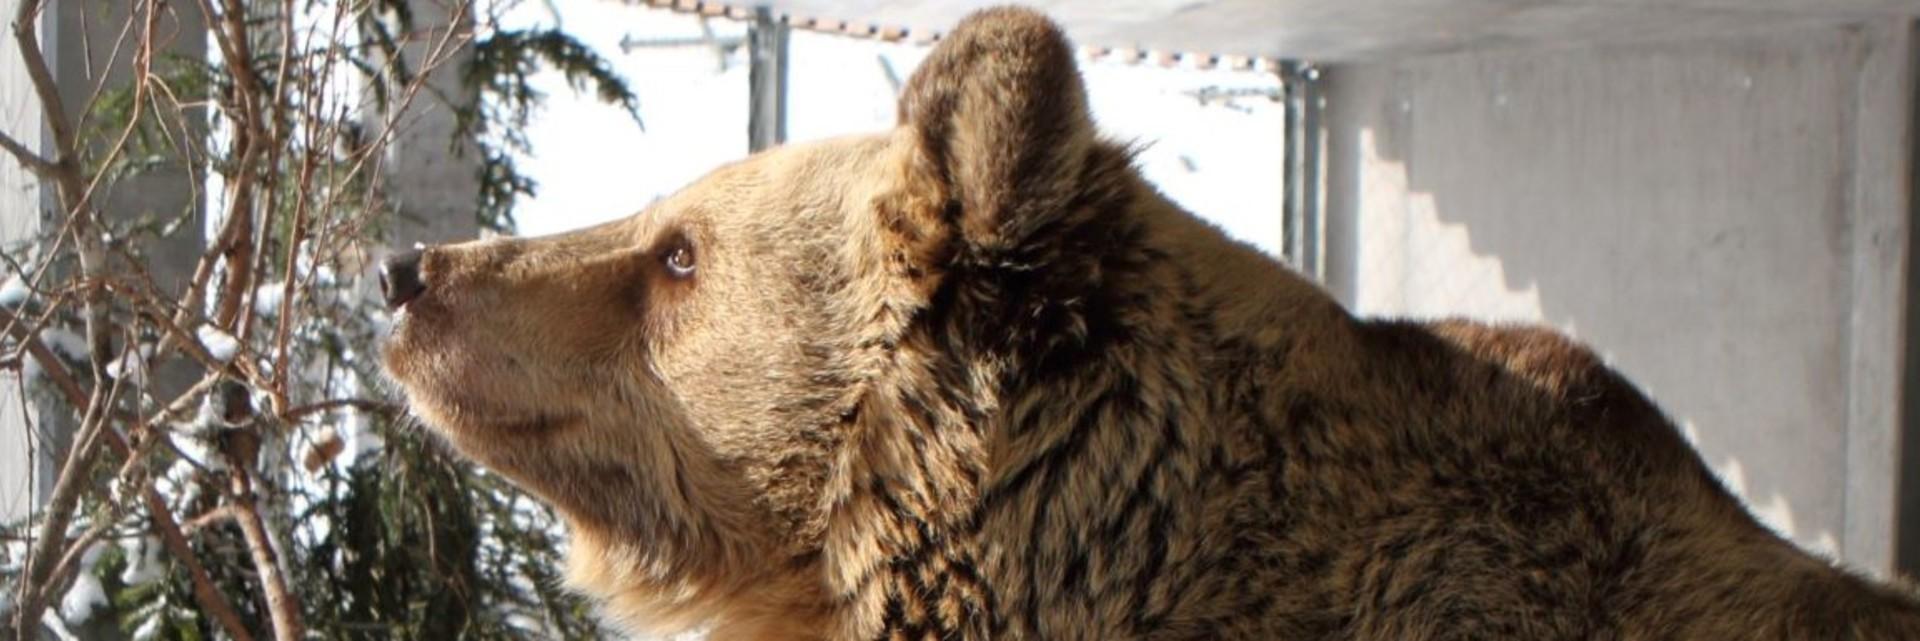 Bär in Arosa (c) VIER PFOTEN